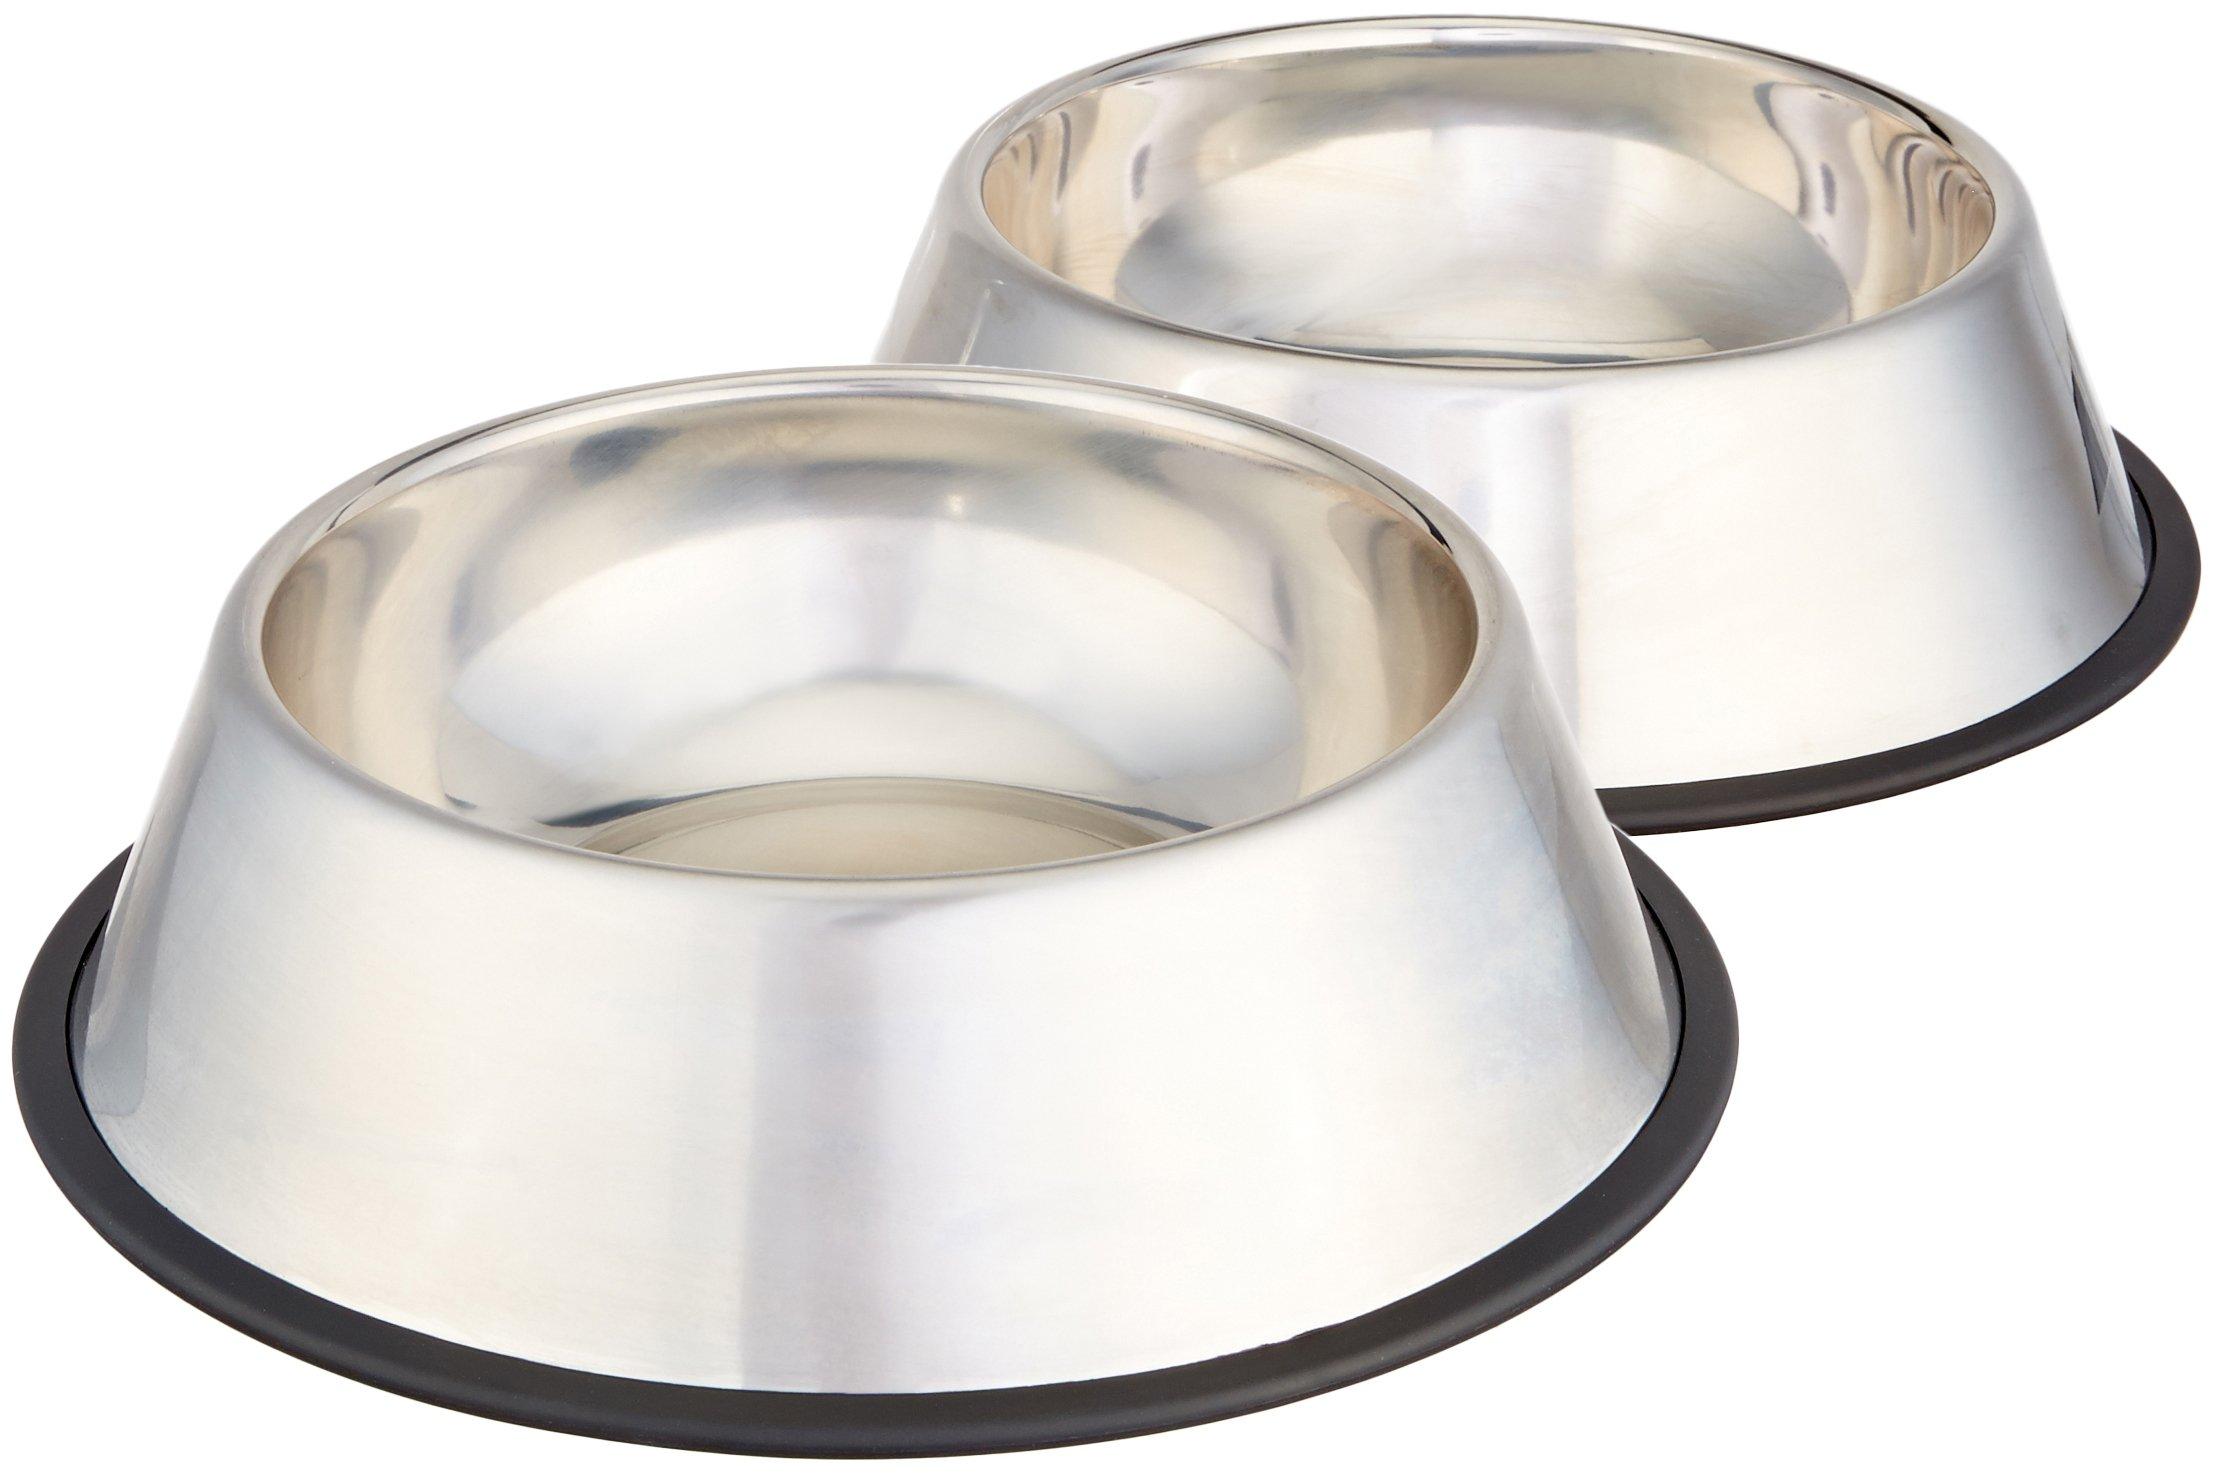 AmazonBasics Stainless Steel Dog Bowl - Set of 2